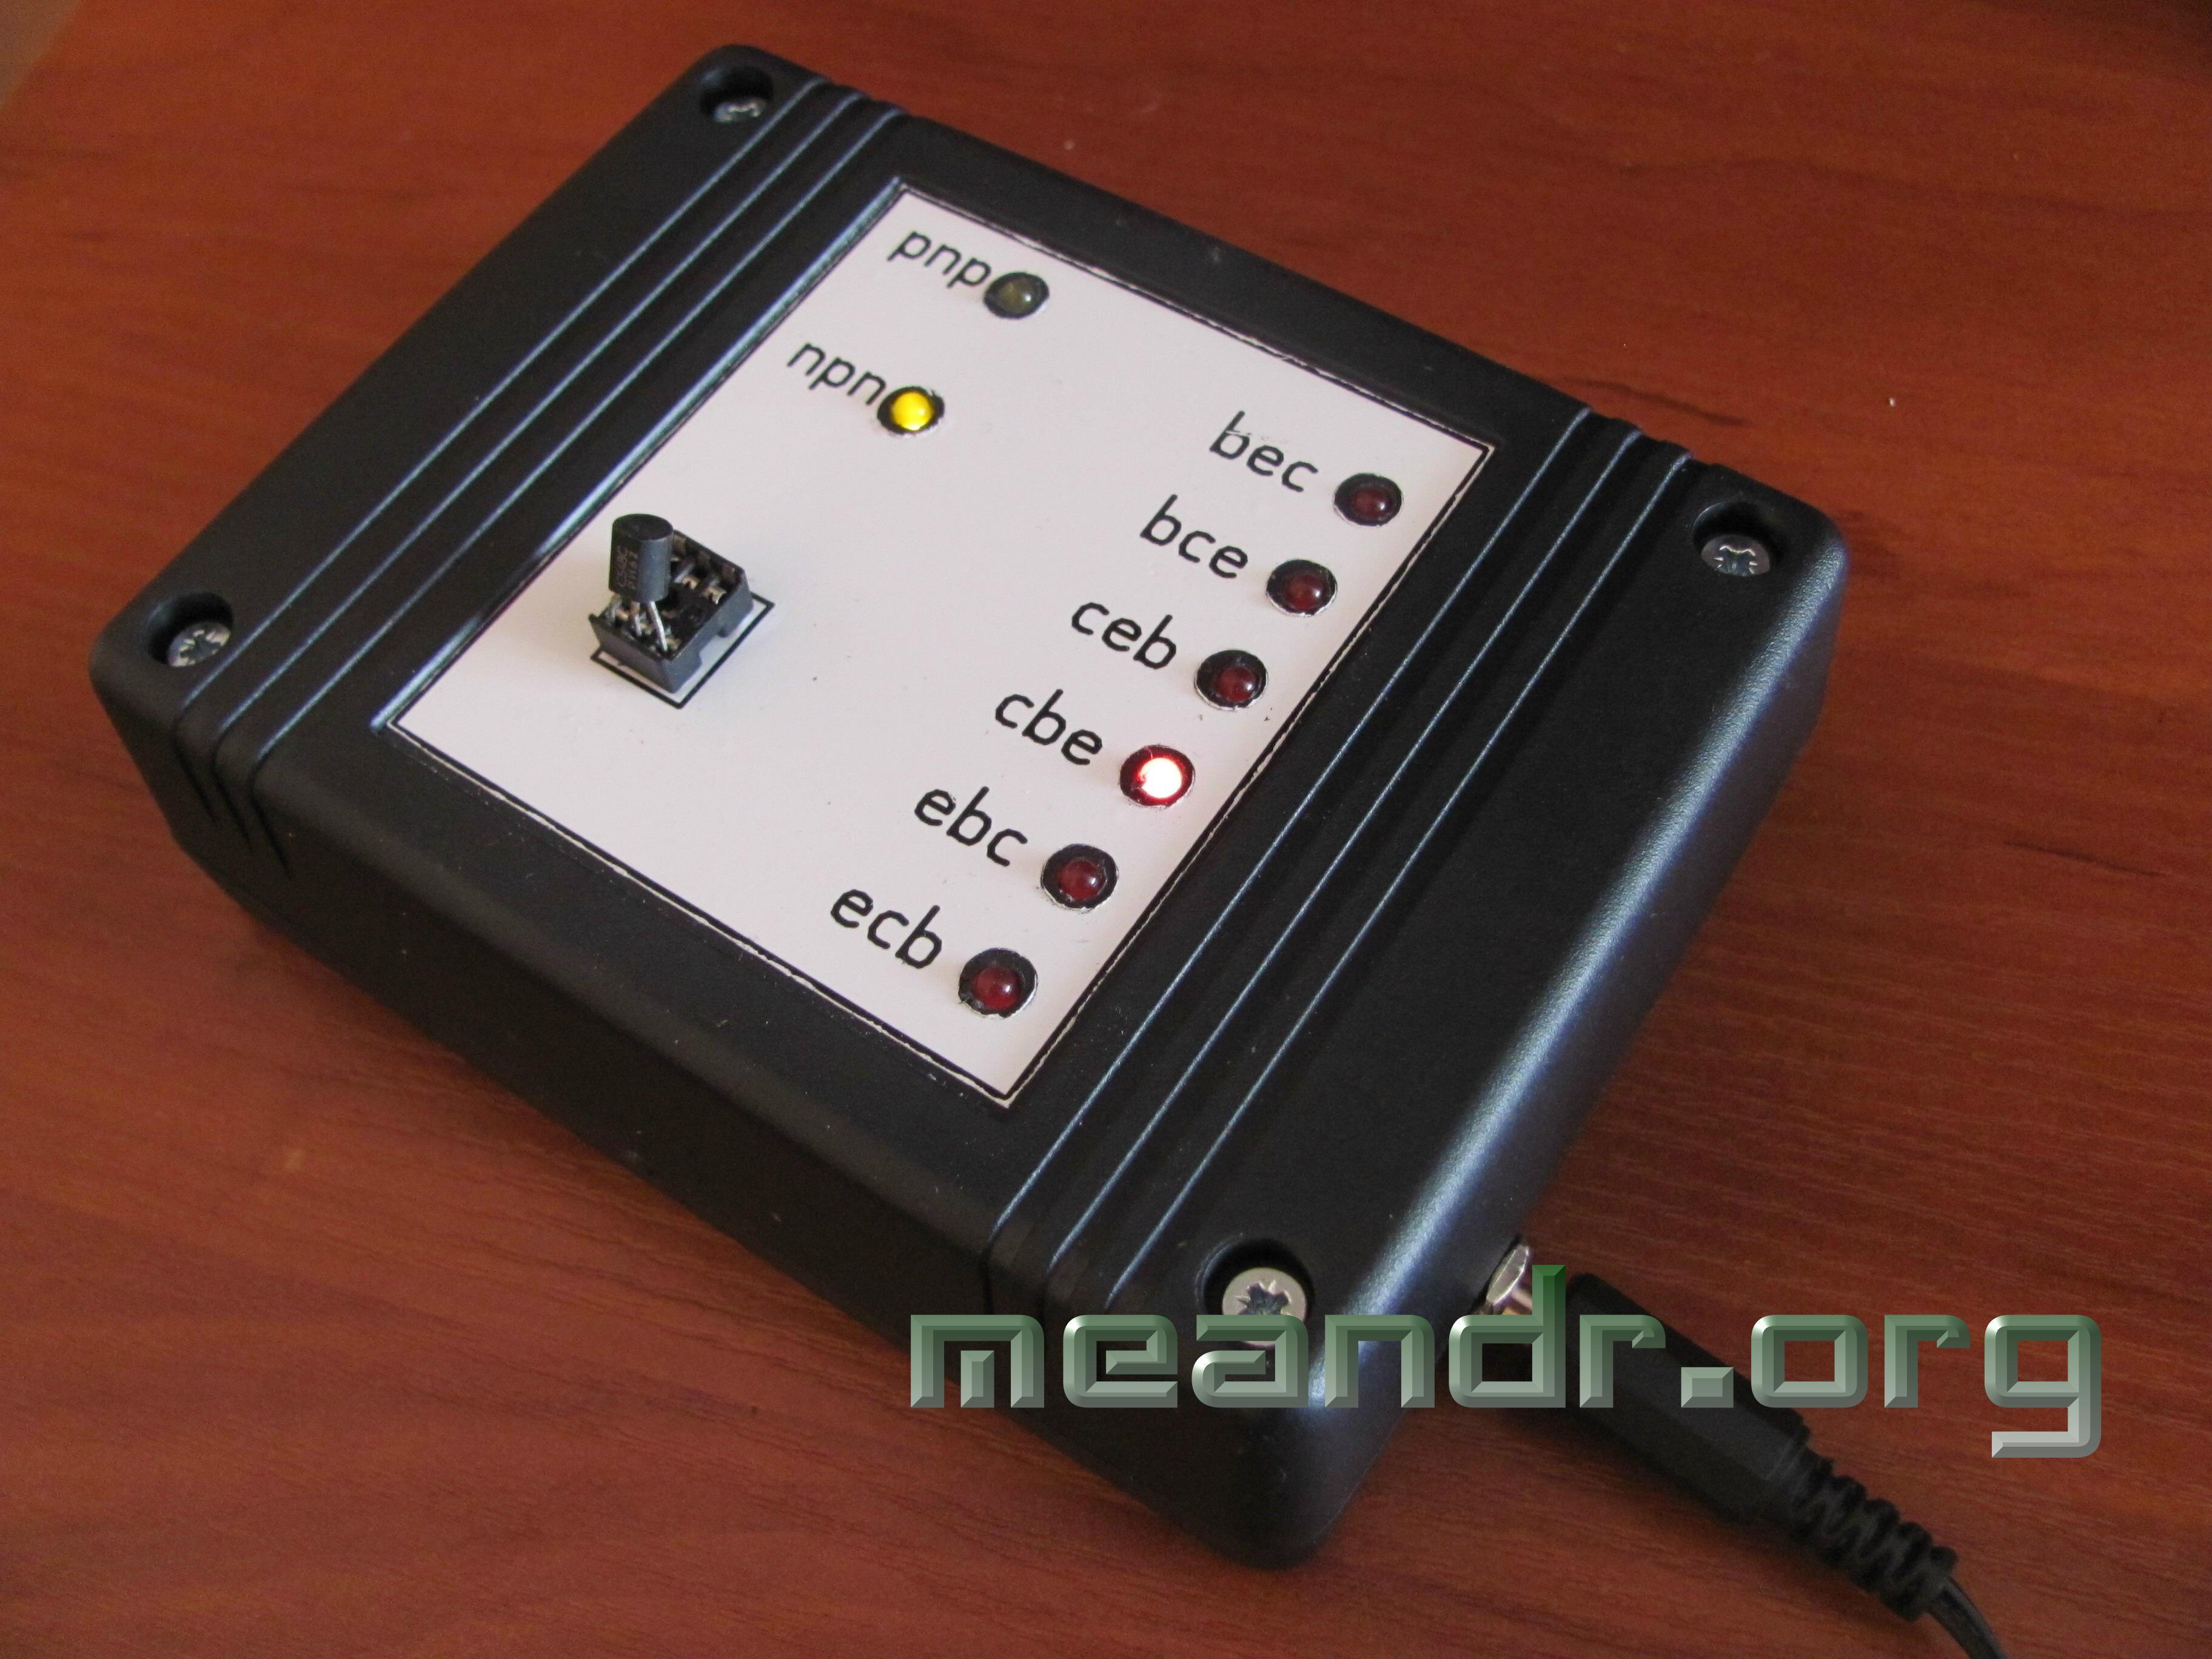 схема lc метра на микроконтроллере pic16f84